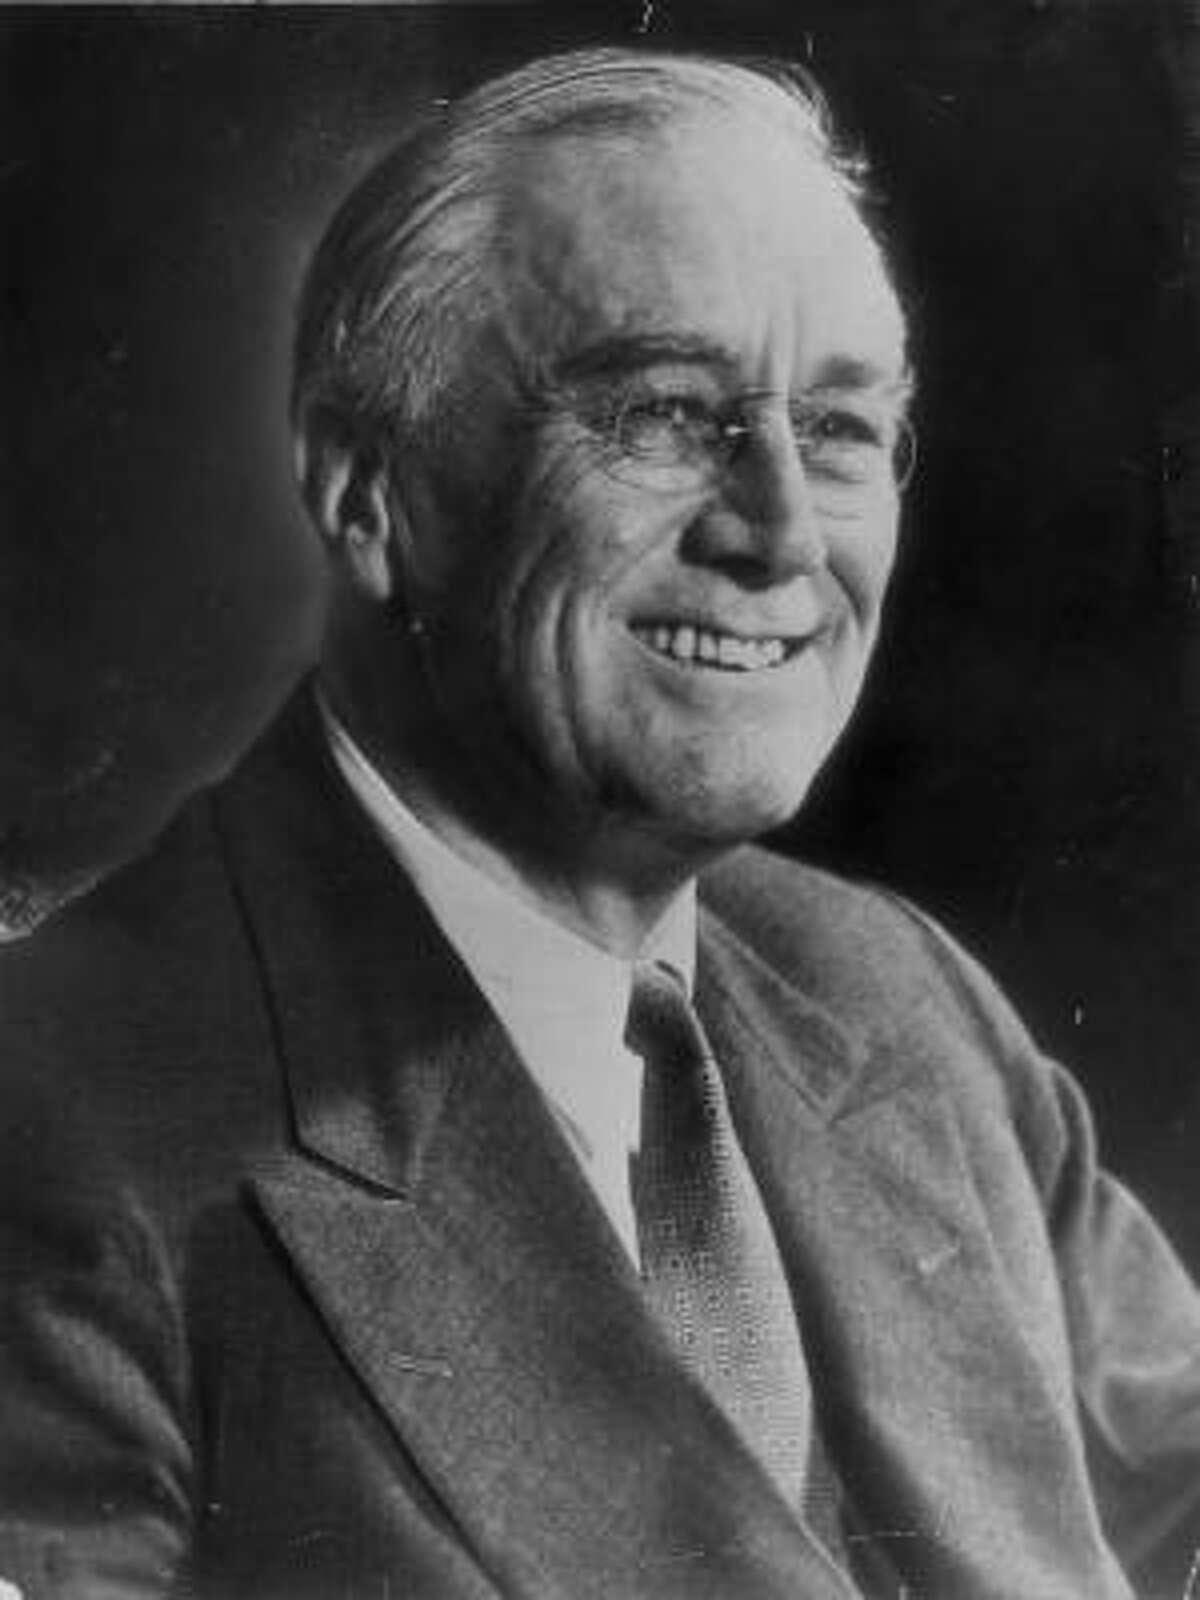 3. Franklin Delano Roosevelt , president from 1933-1945